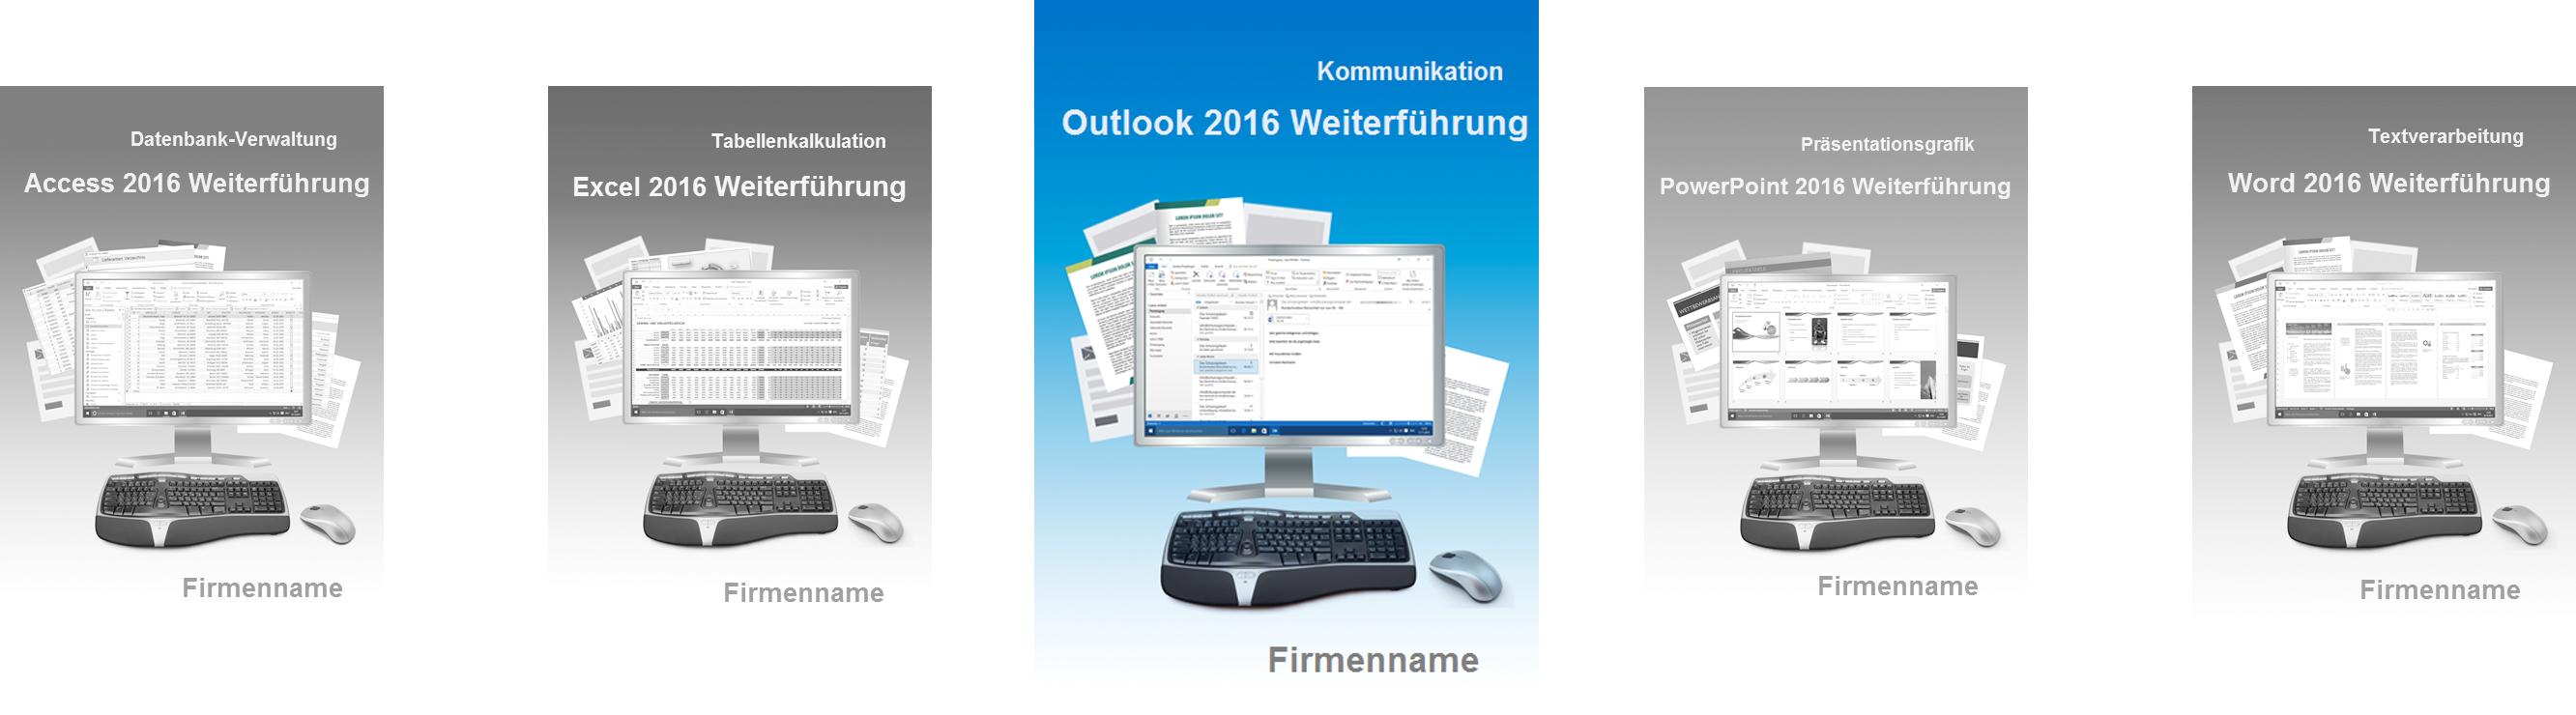 Kursunterlagen Slider Outlook 2016 Weiterführung